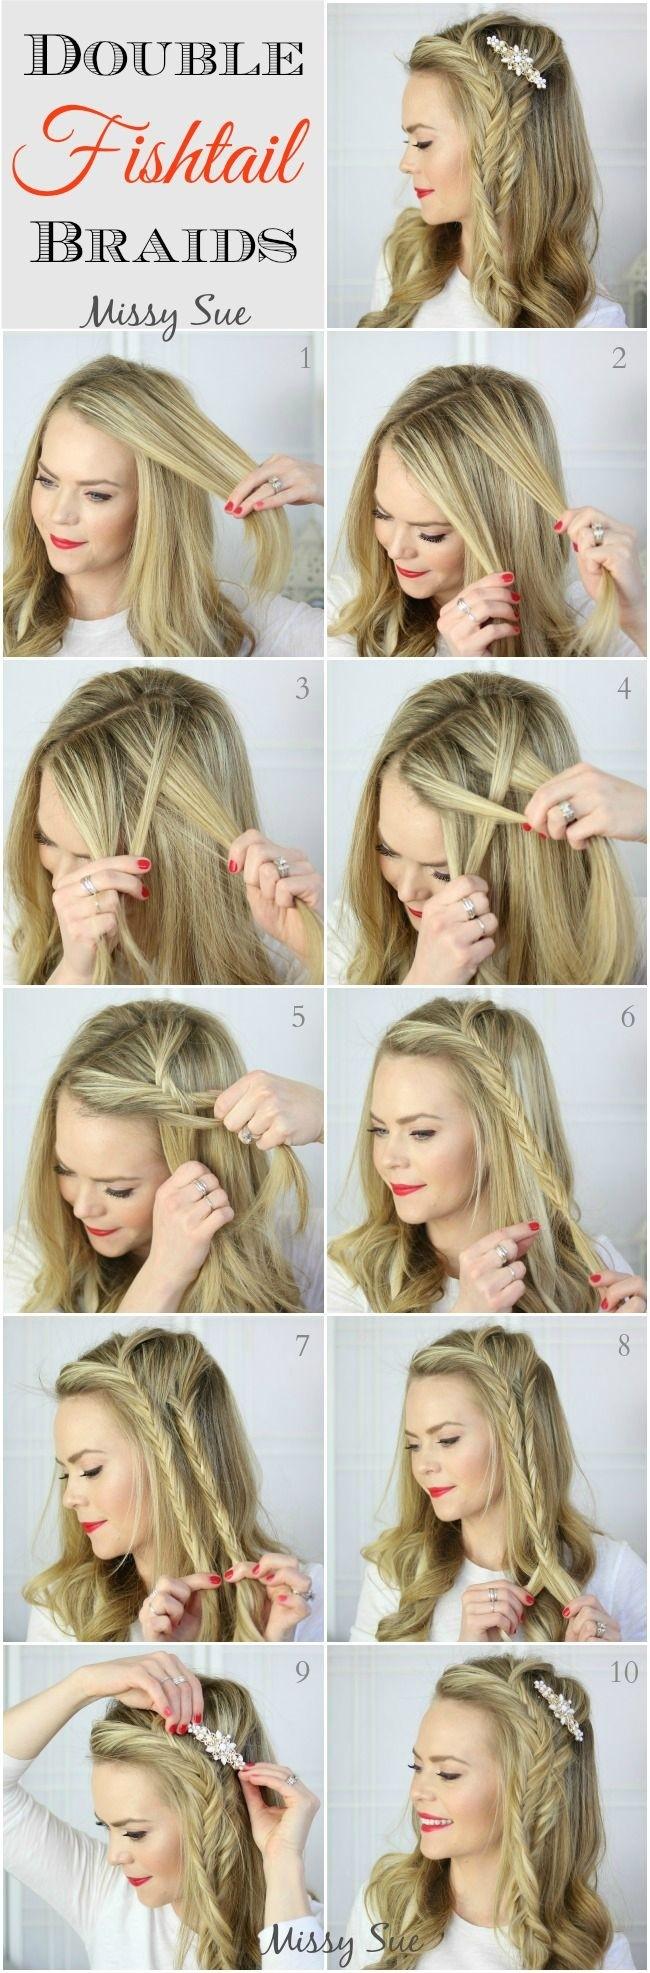 Tutoriel Double Fishtail Side Braids: Idées de coiffures longues